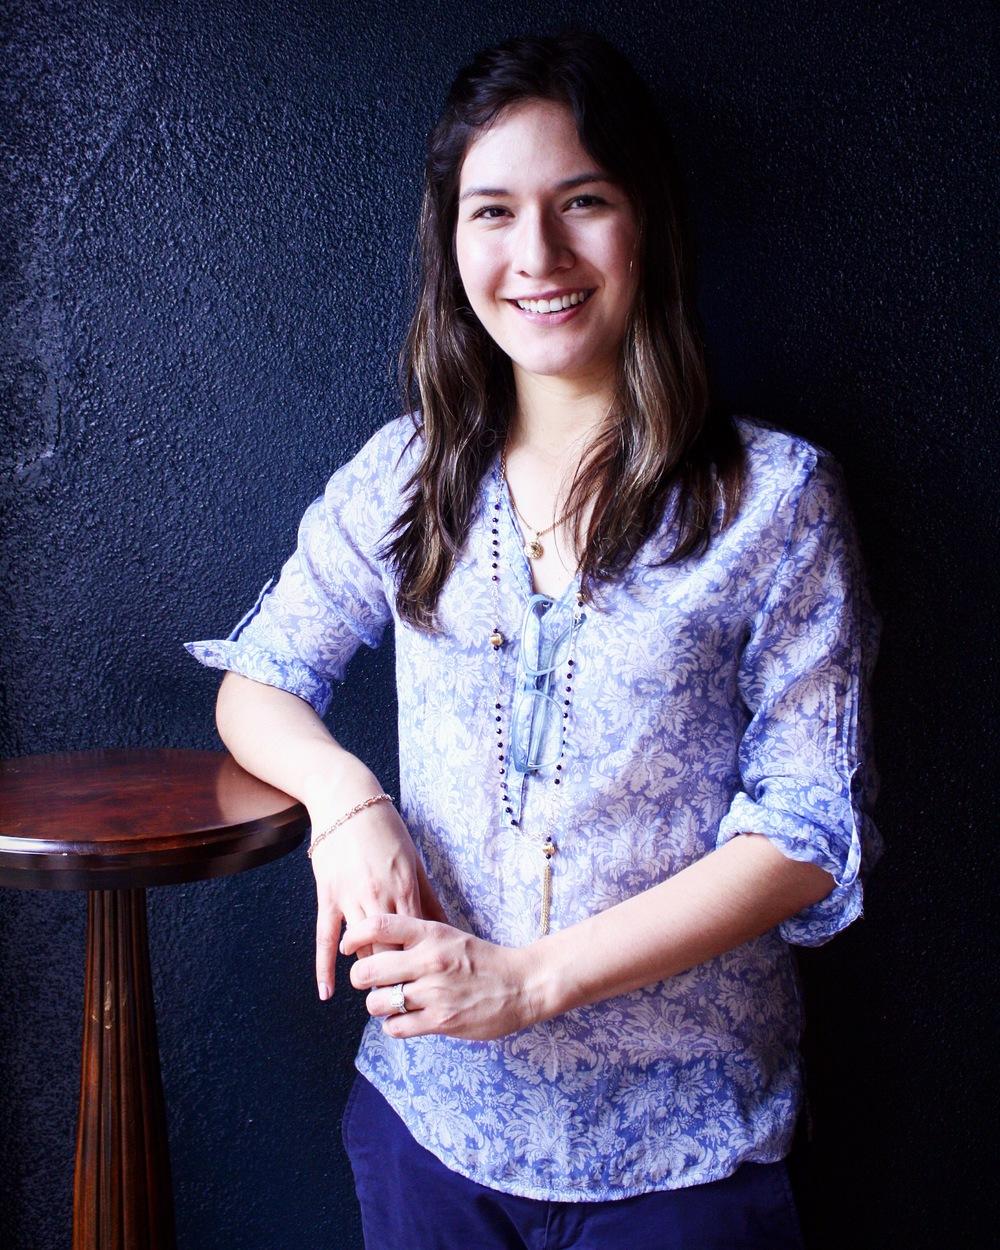 MarianaBarran-yomarianablog